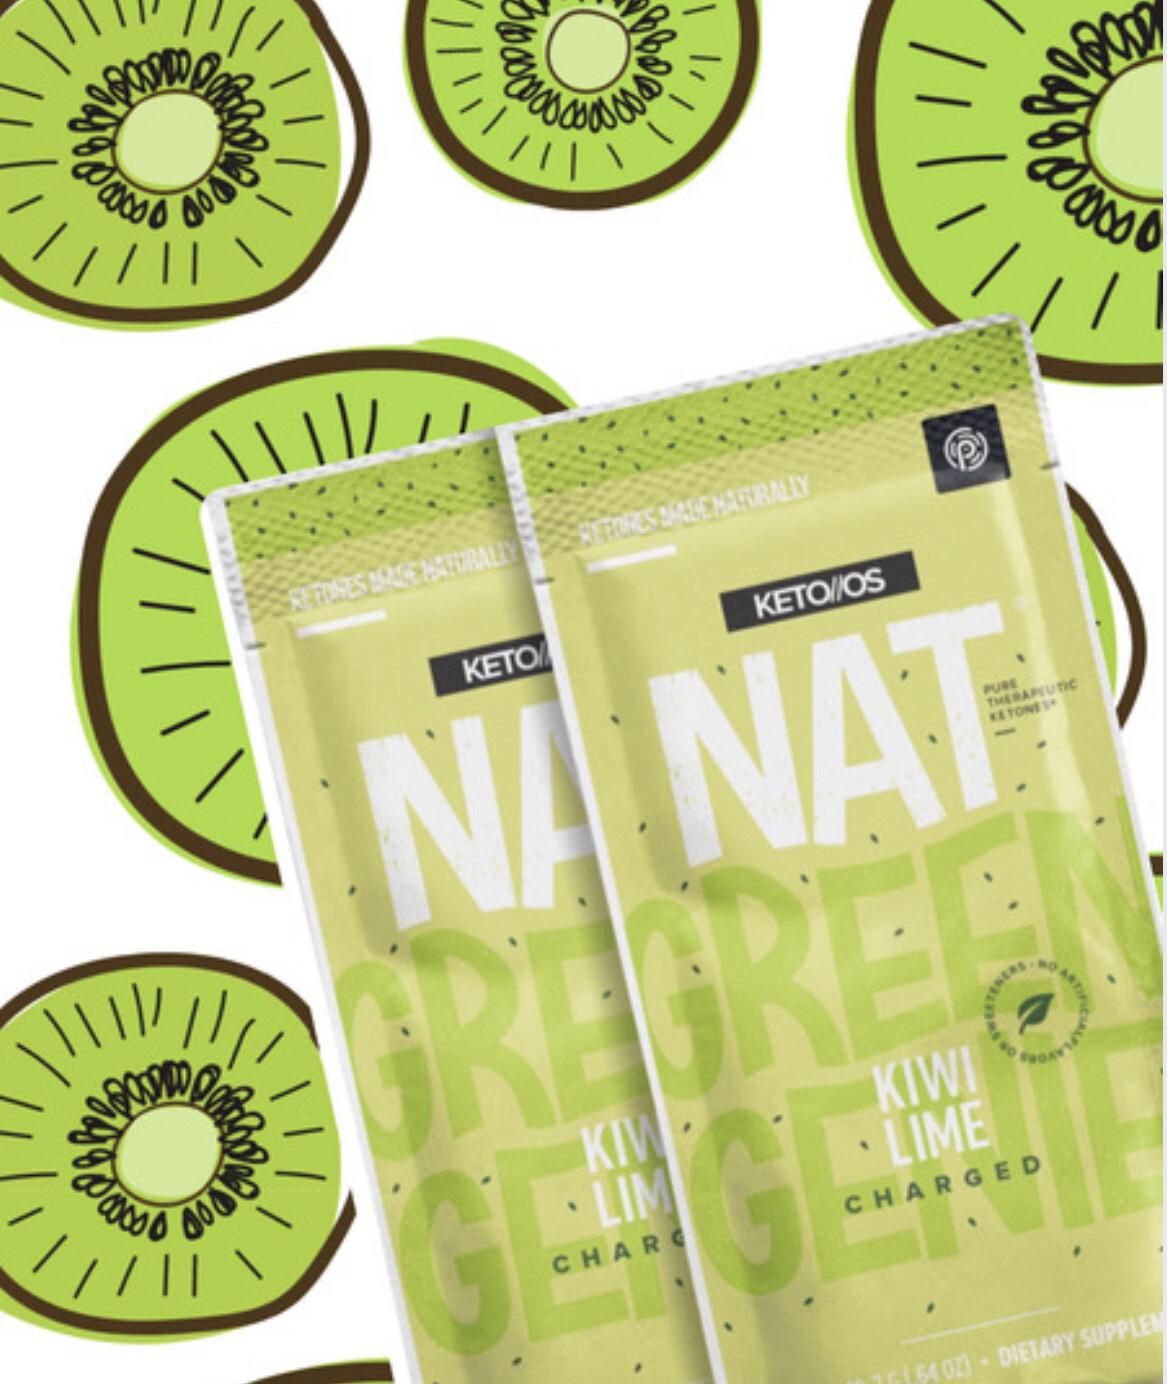 (1 Per Customer) Kiwi 🥝 Lime 3 Pack !